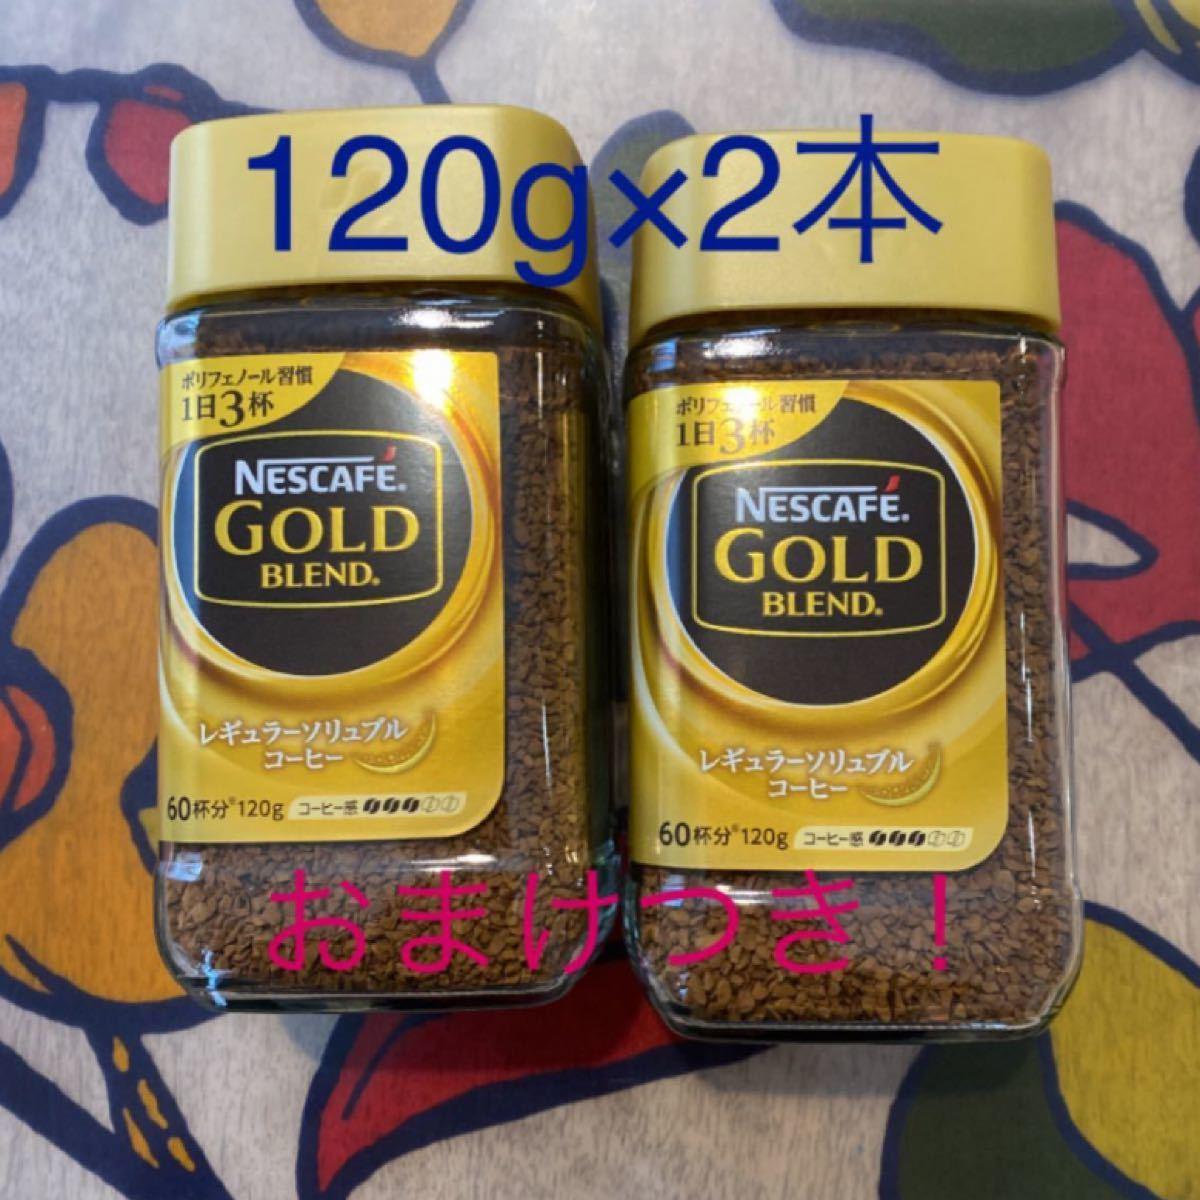 【新品未開封】ネスレ ゴールドブレンド 120g 2本 レギュラーソリュブルコーヒー スティック3本 インスタントコーヒー